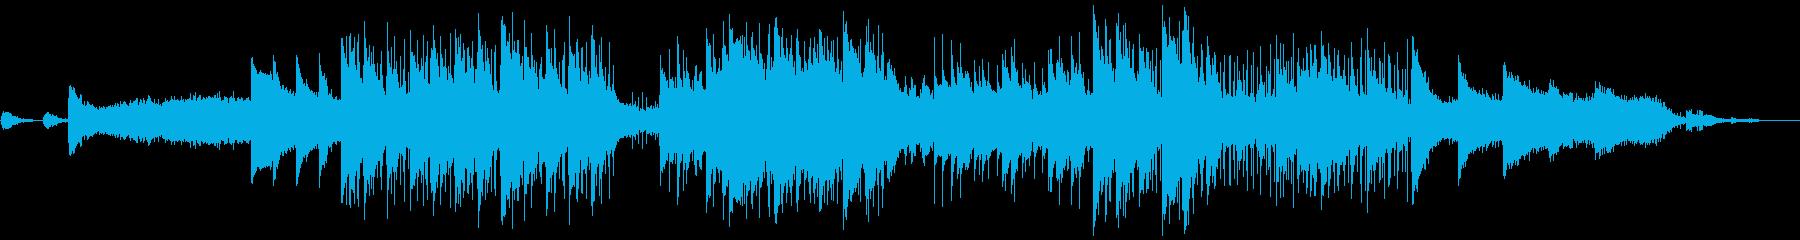 エレクトロニック 感情的 静か 楽...の再生済みの波形